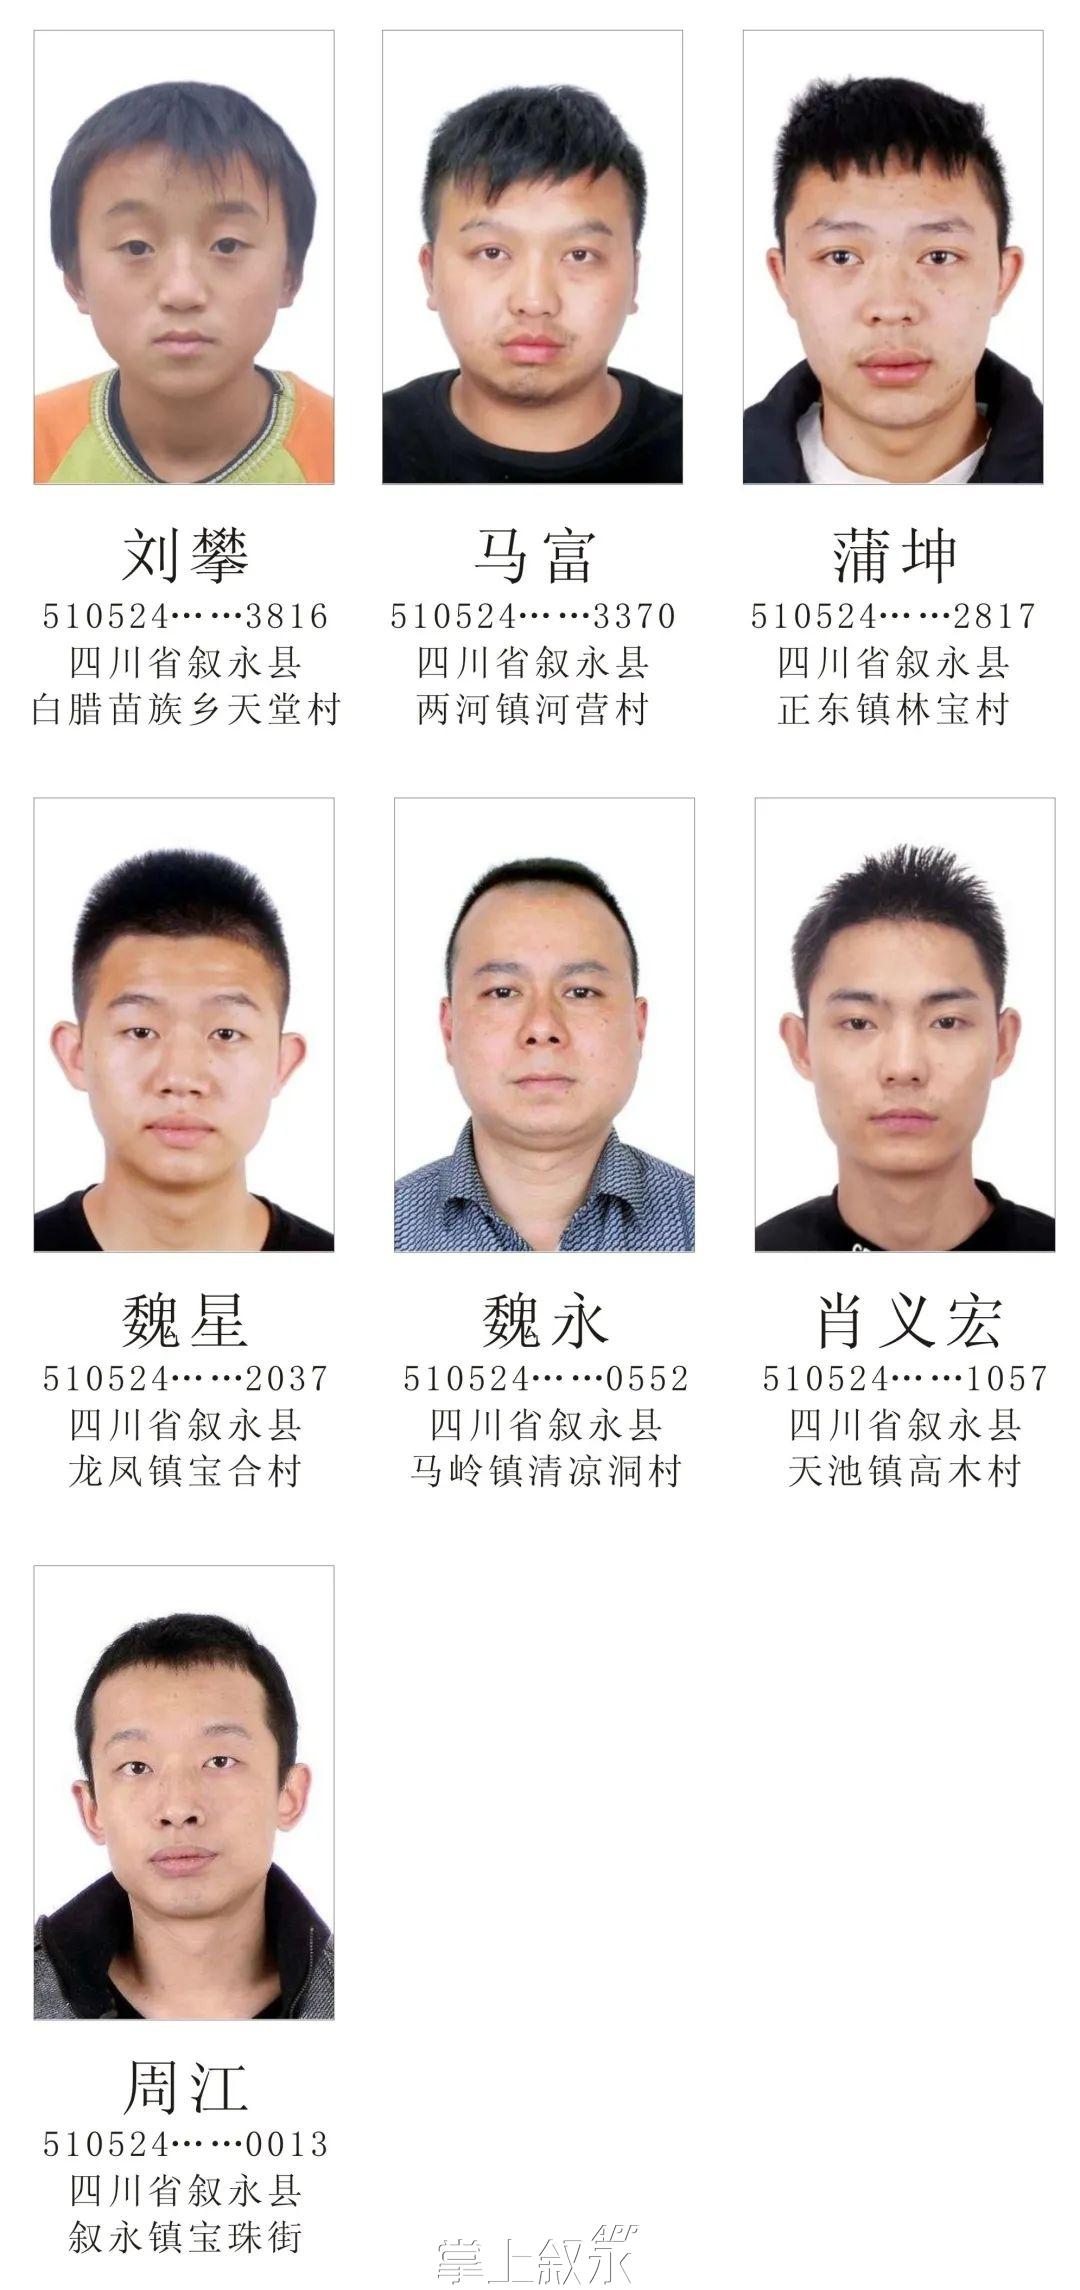 叙永县关于警示滞留缅北人员和注销滞留缅北叙永籍人员户籍的通告